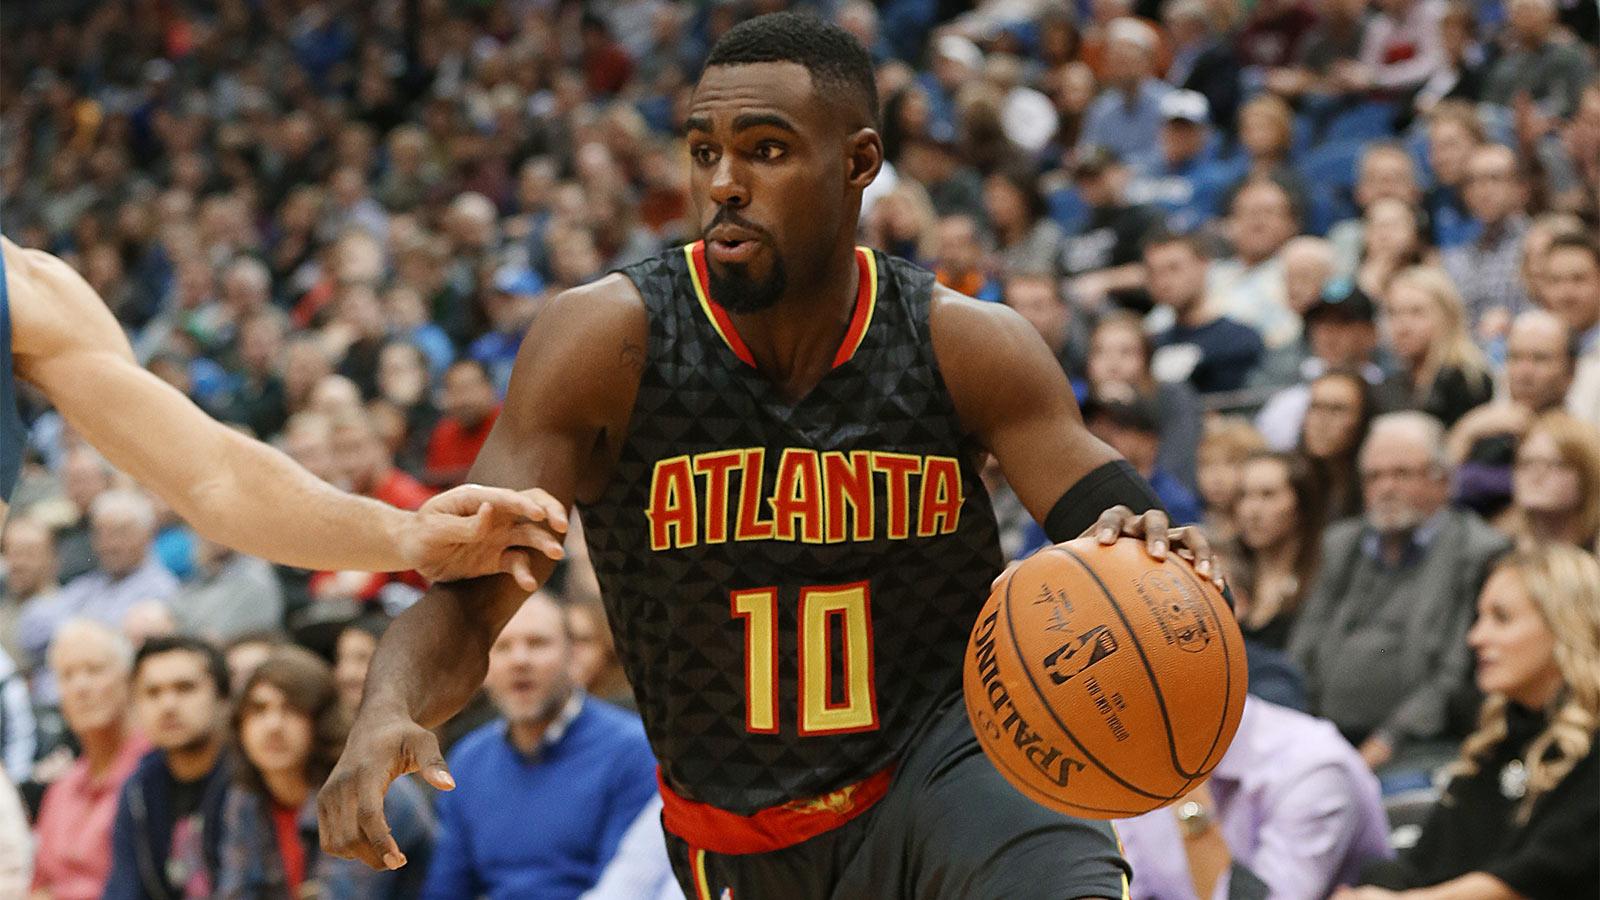 Hawks send Hardaway Jr. to NBDL months after trading for him